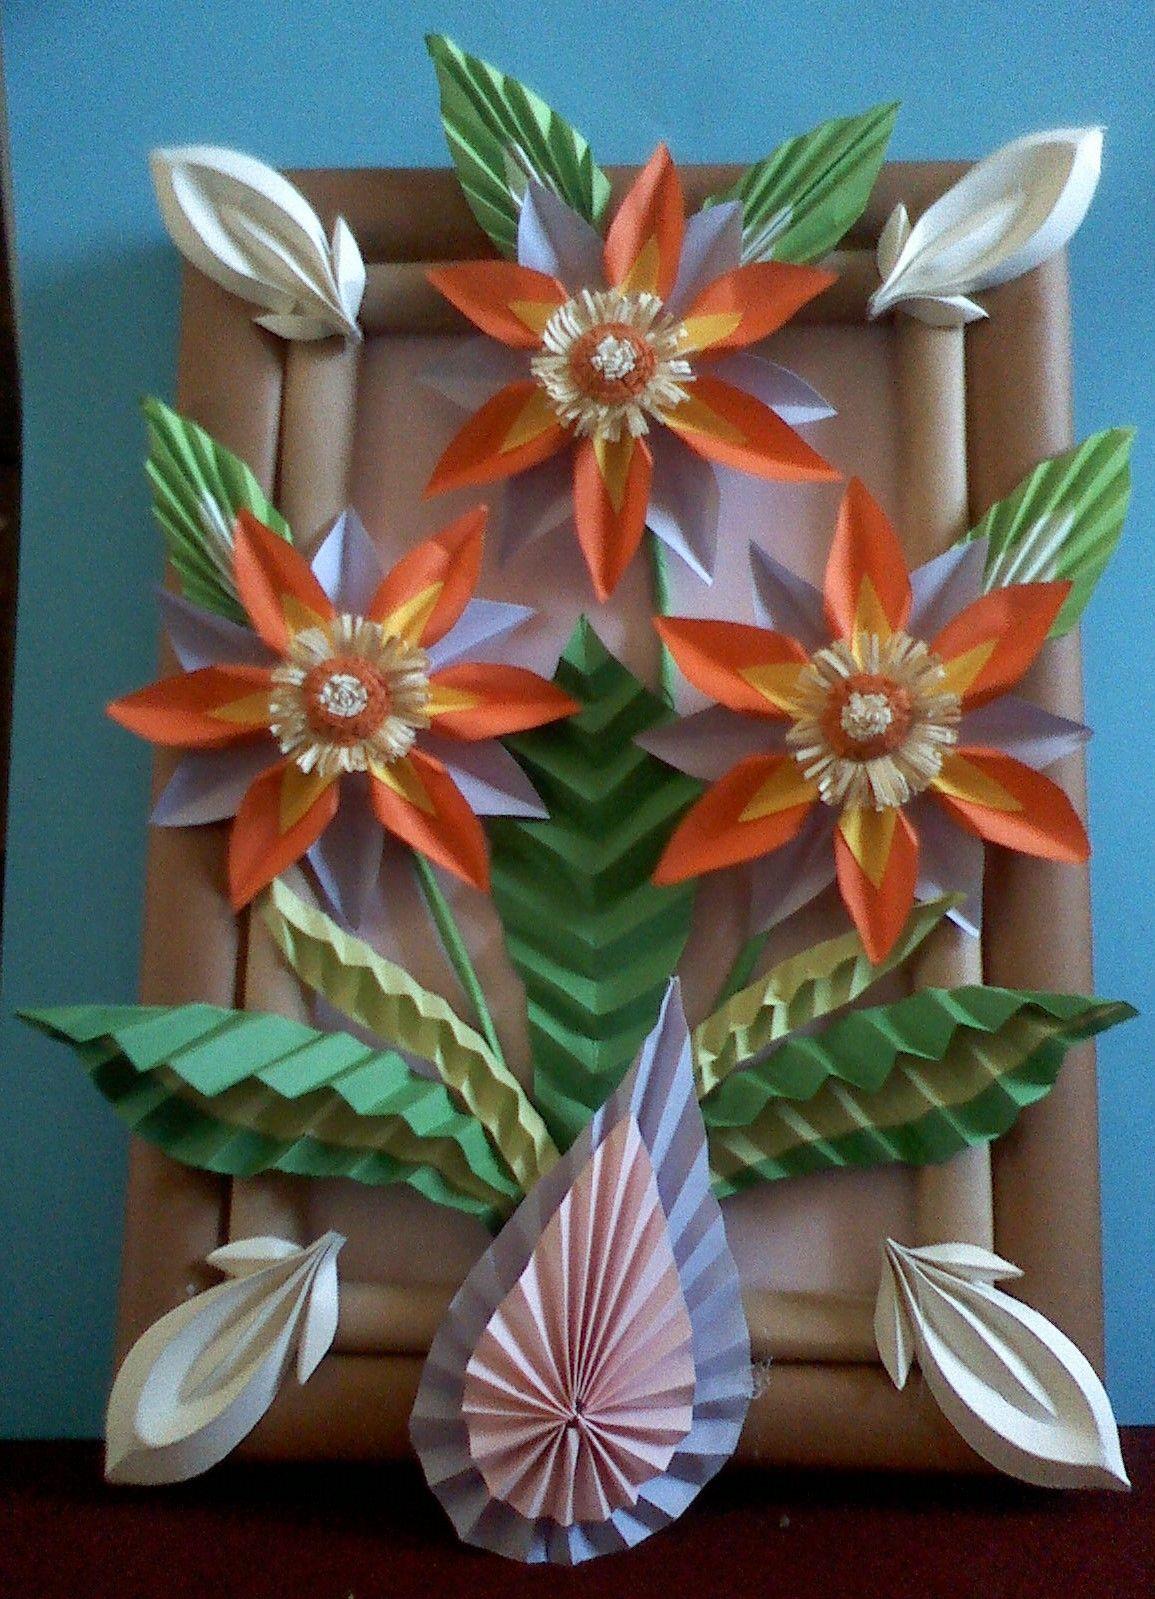 Kwiaty Z Papieru Ikebana Prace Plastyczne Dariusz Zolynski Flowers Paper Paper Flowers Orgiami Kiriga Paper Flower Crafts Flower Crafts Paper Flowers